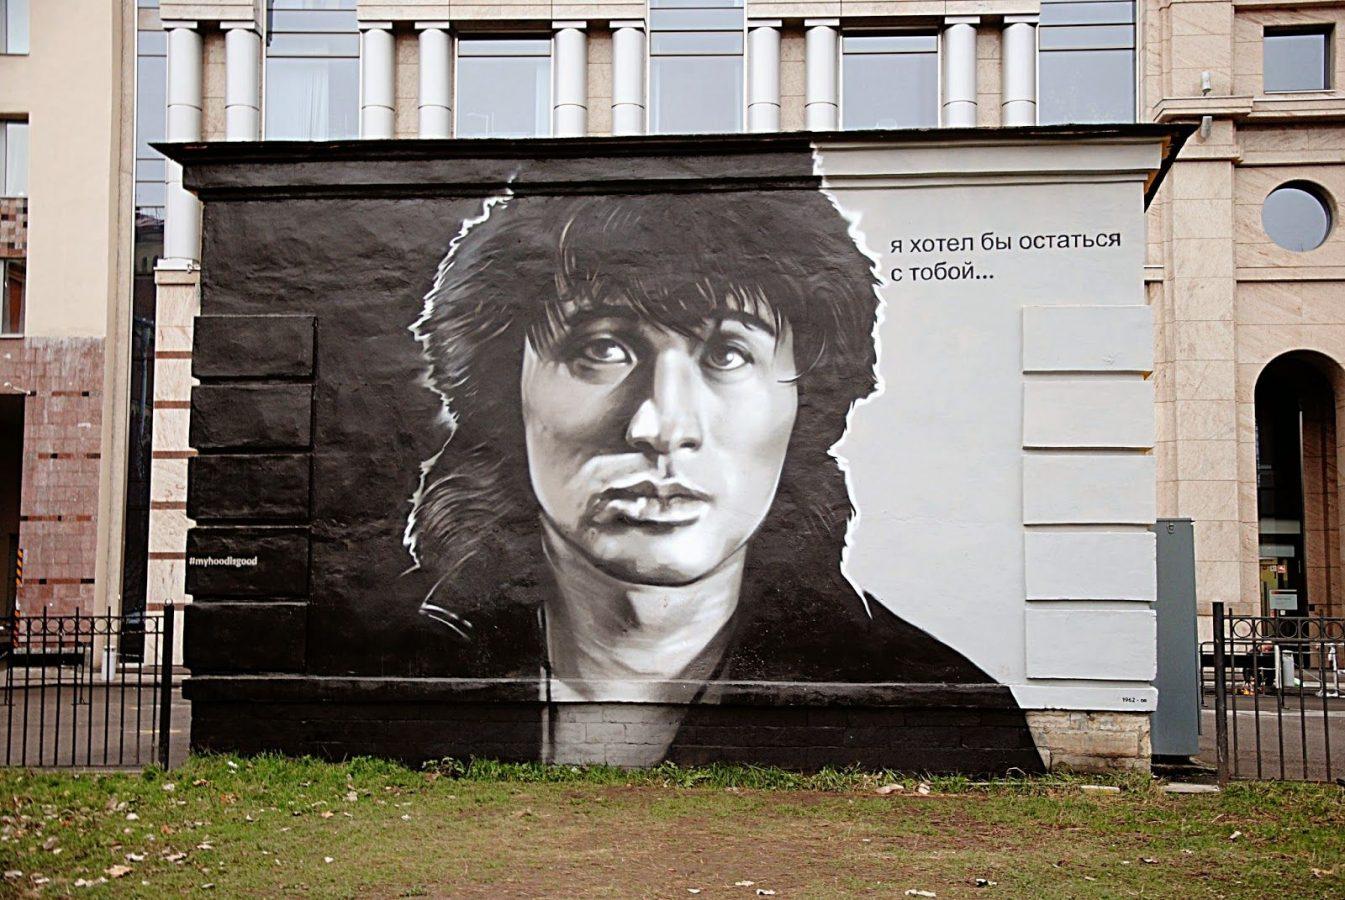 Графитти с Виктором Цоем на современных улицах